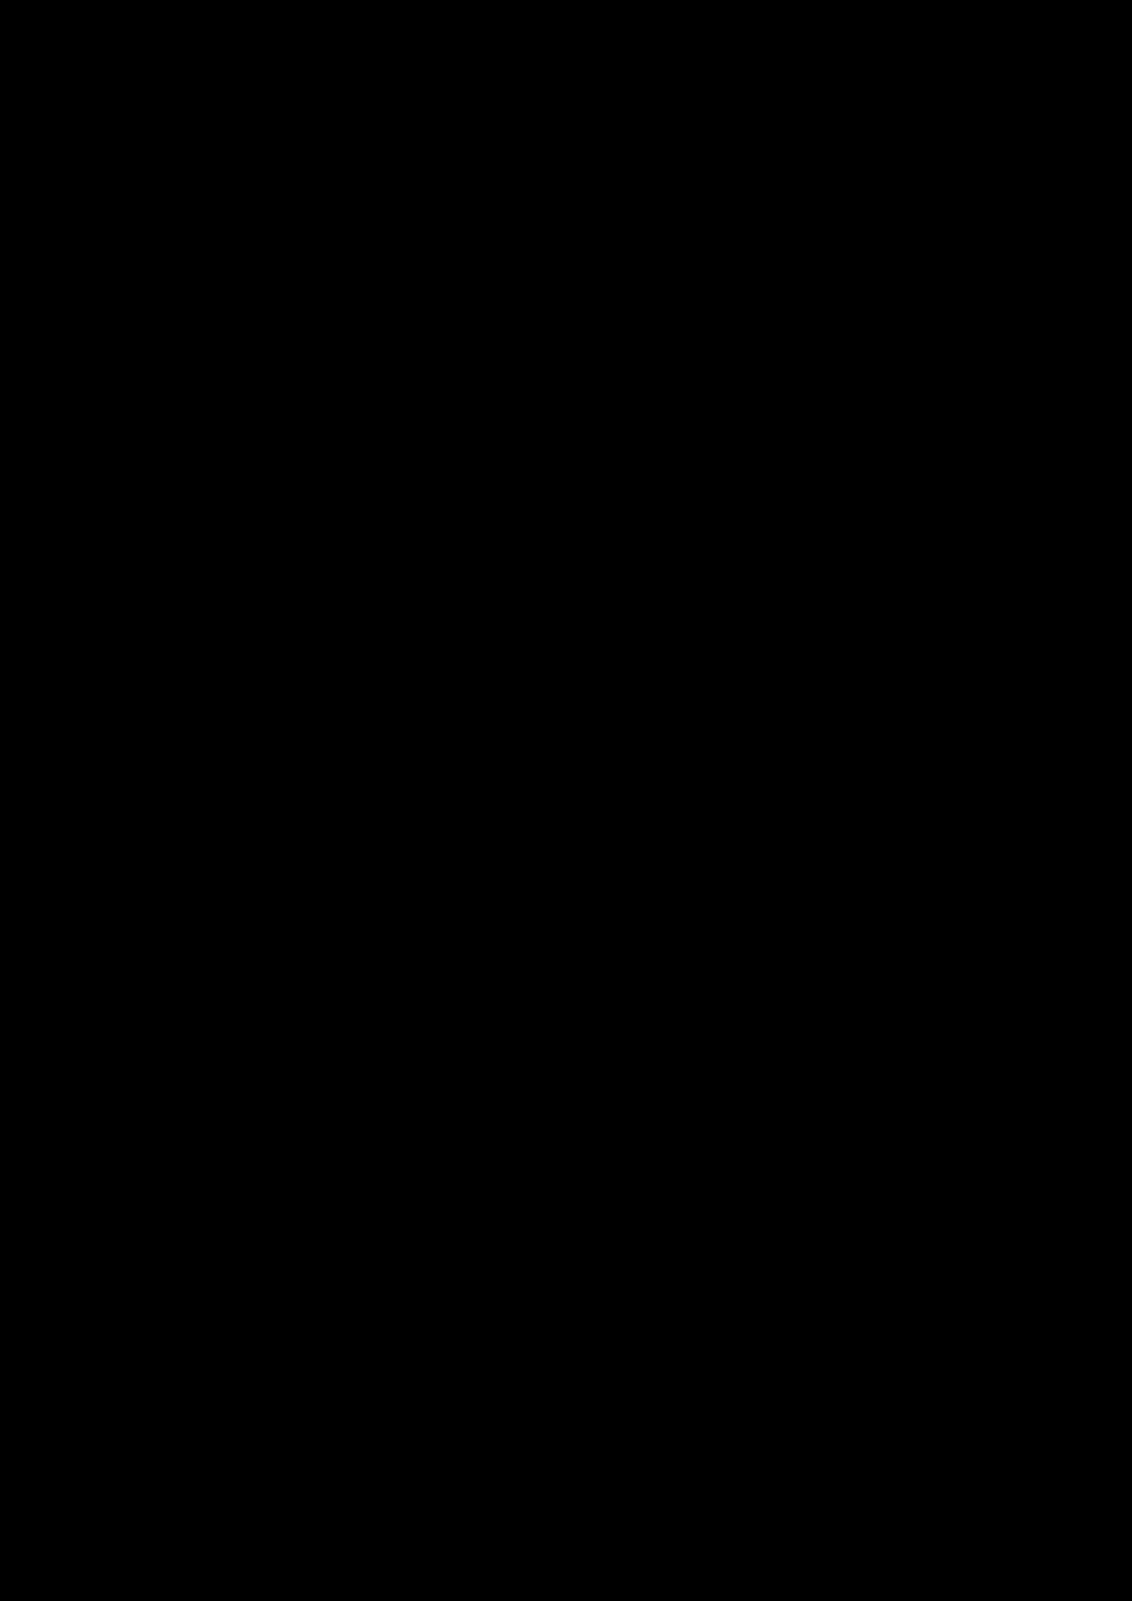 Serdtse slide, Image 55